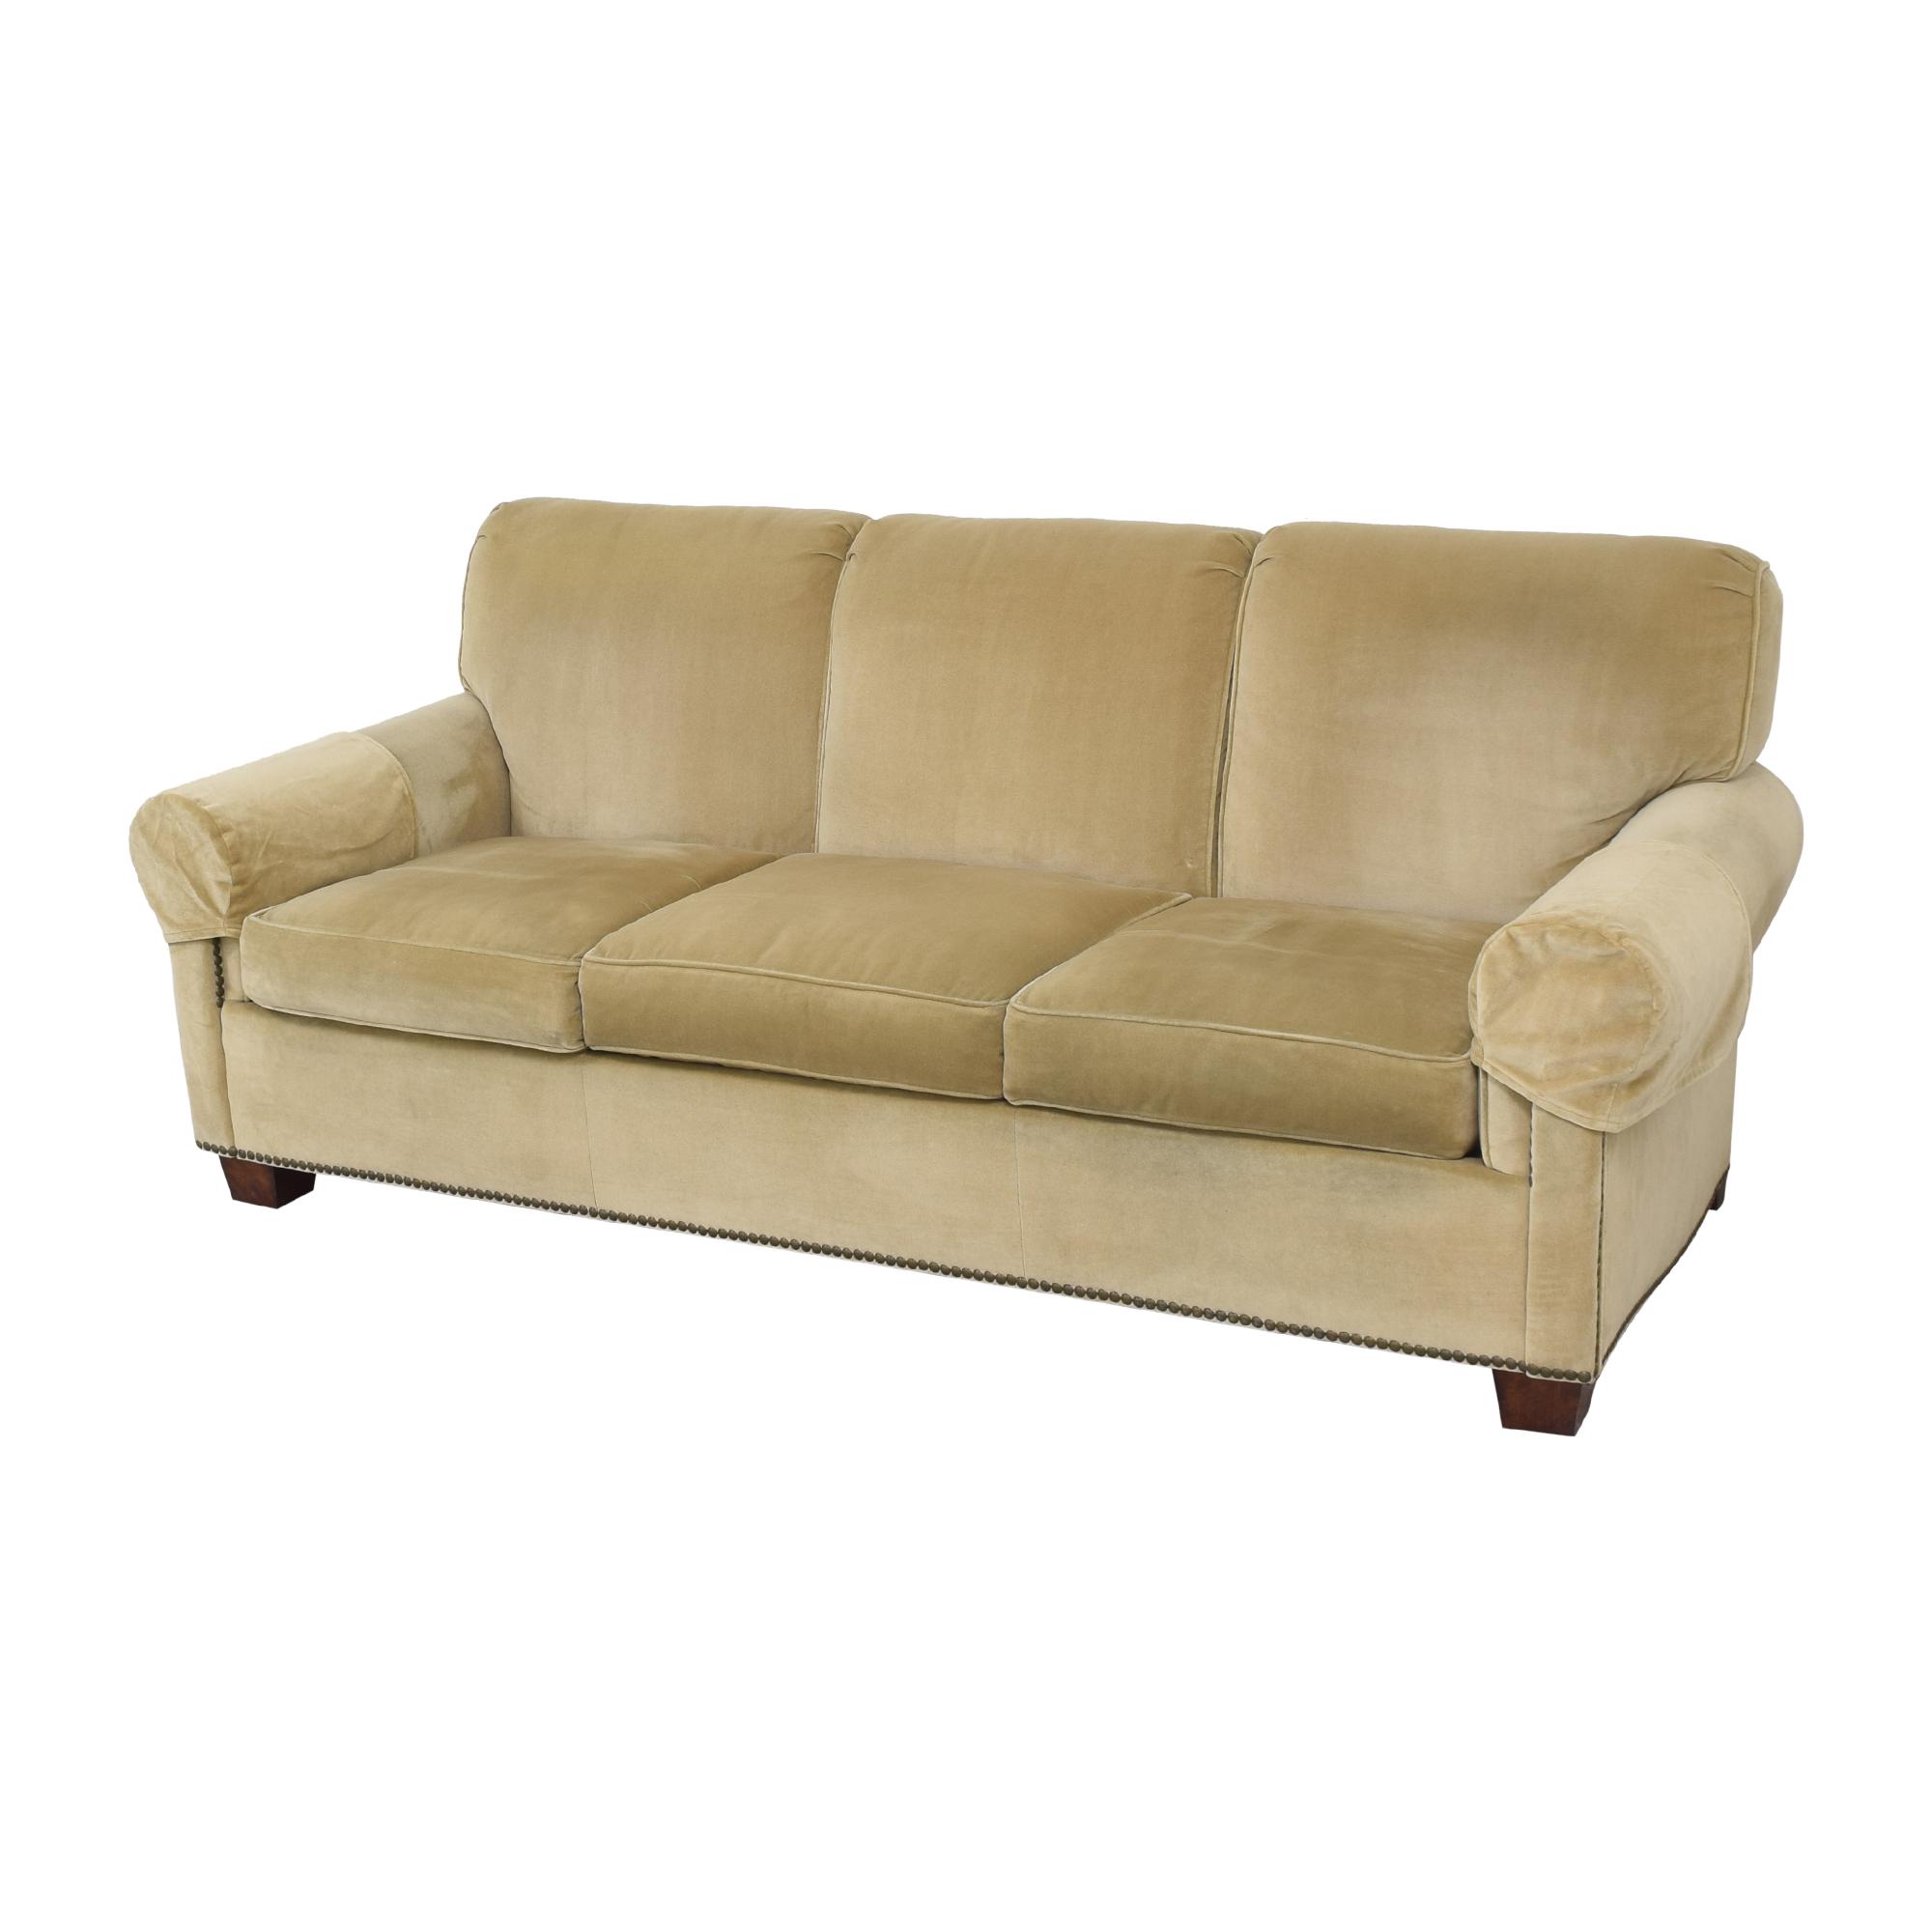 Hickory Chair Hickory Chair Sunbrella Three Cushion Sofa